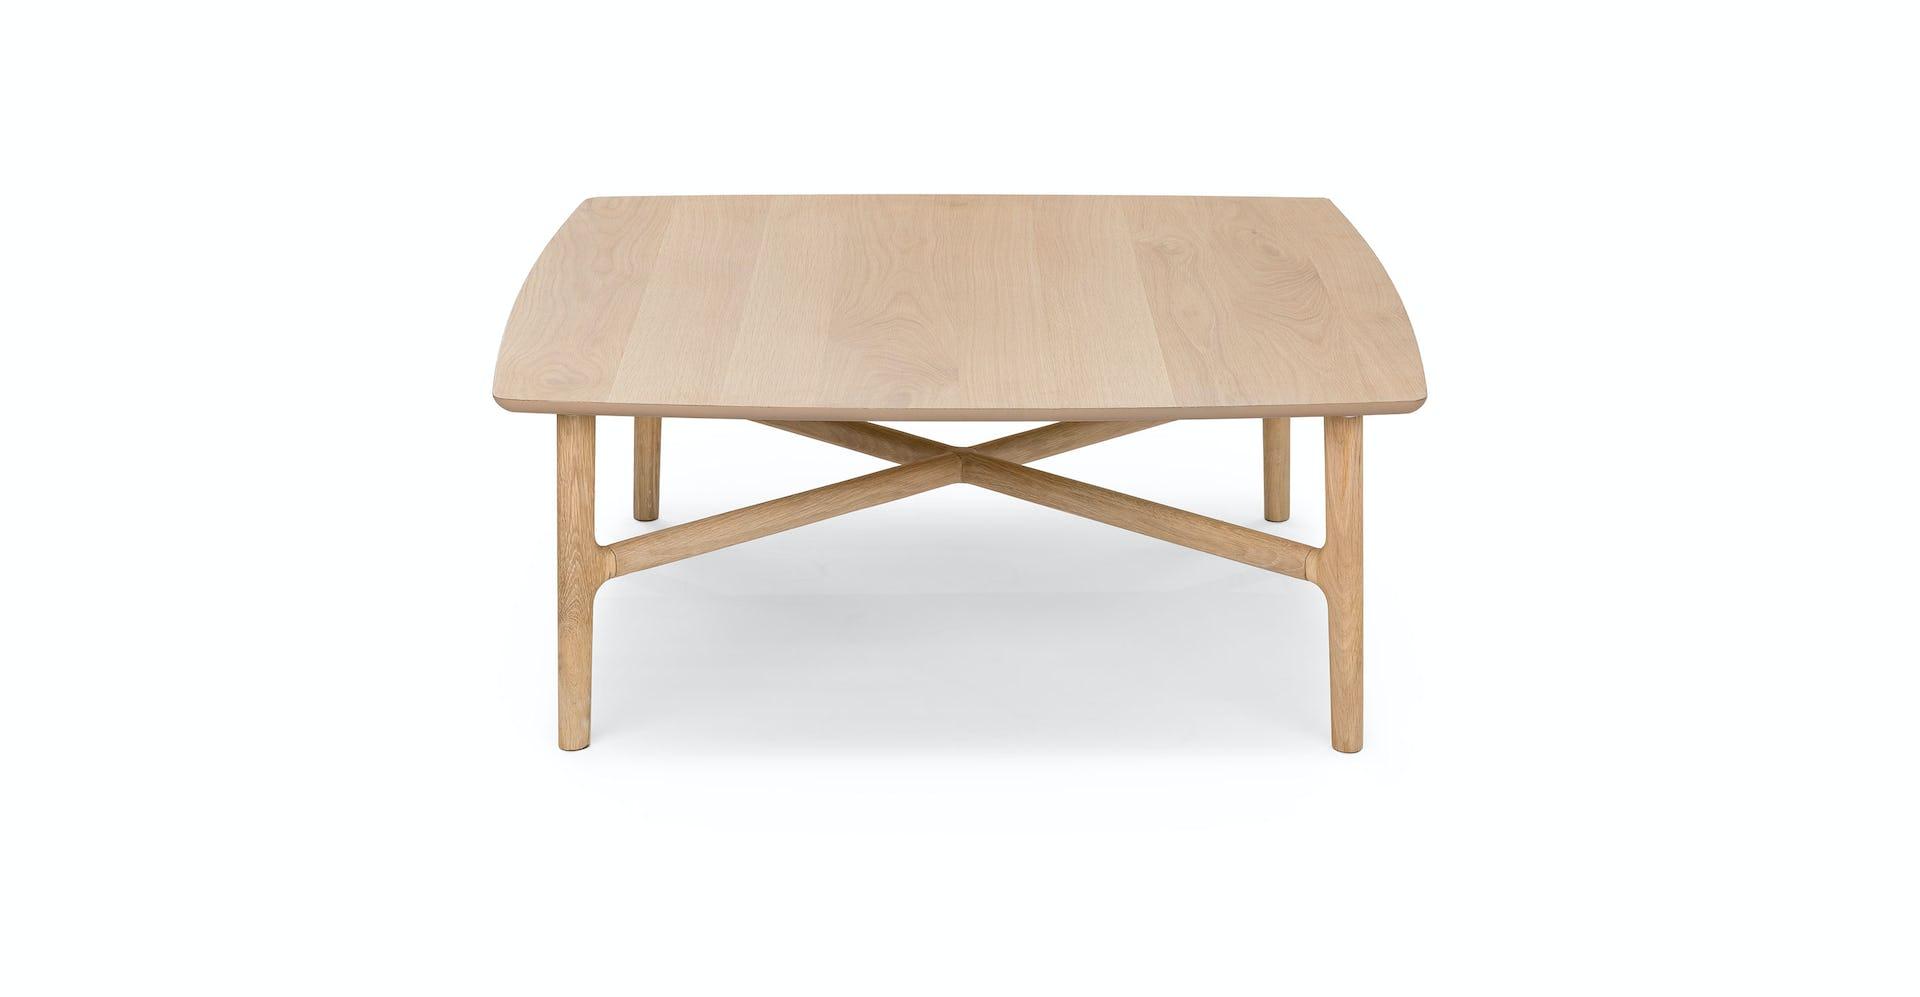 Tremendous Brezza Light Oak Square Coffee Table Machost Co Dining Chair Design Ideas Machostcouk